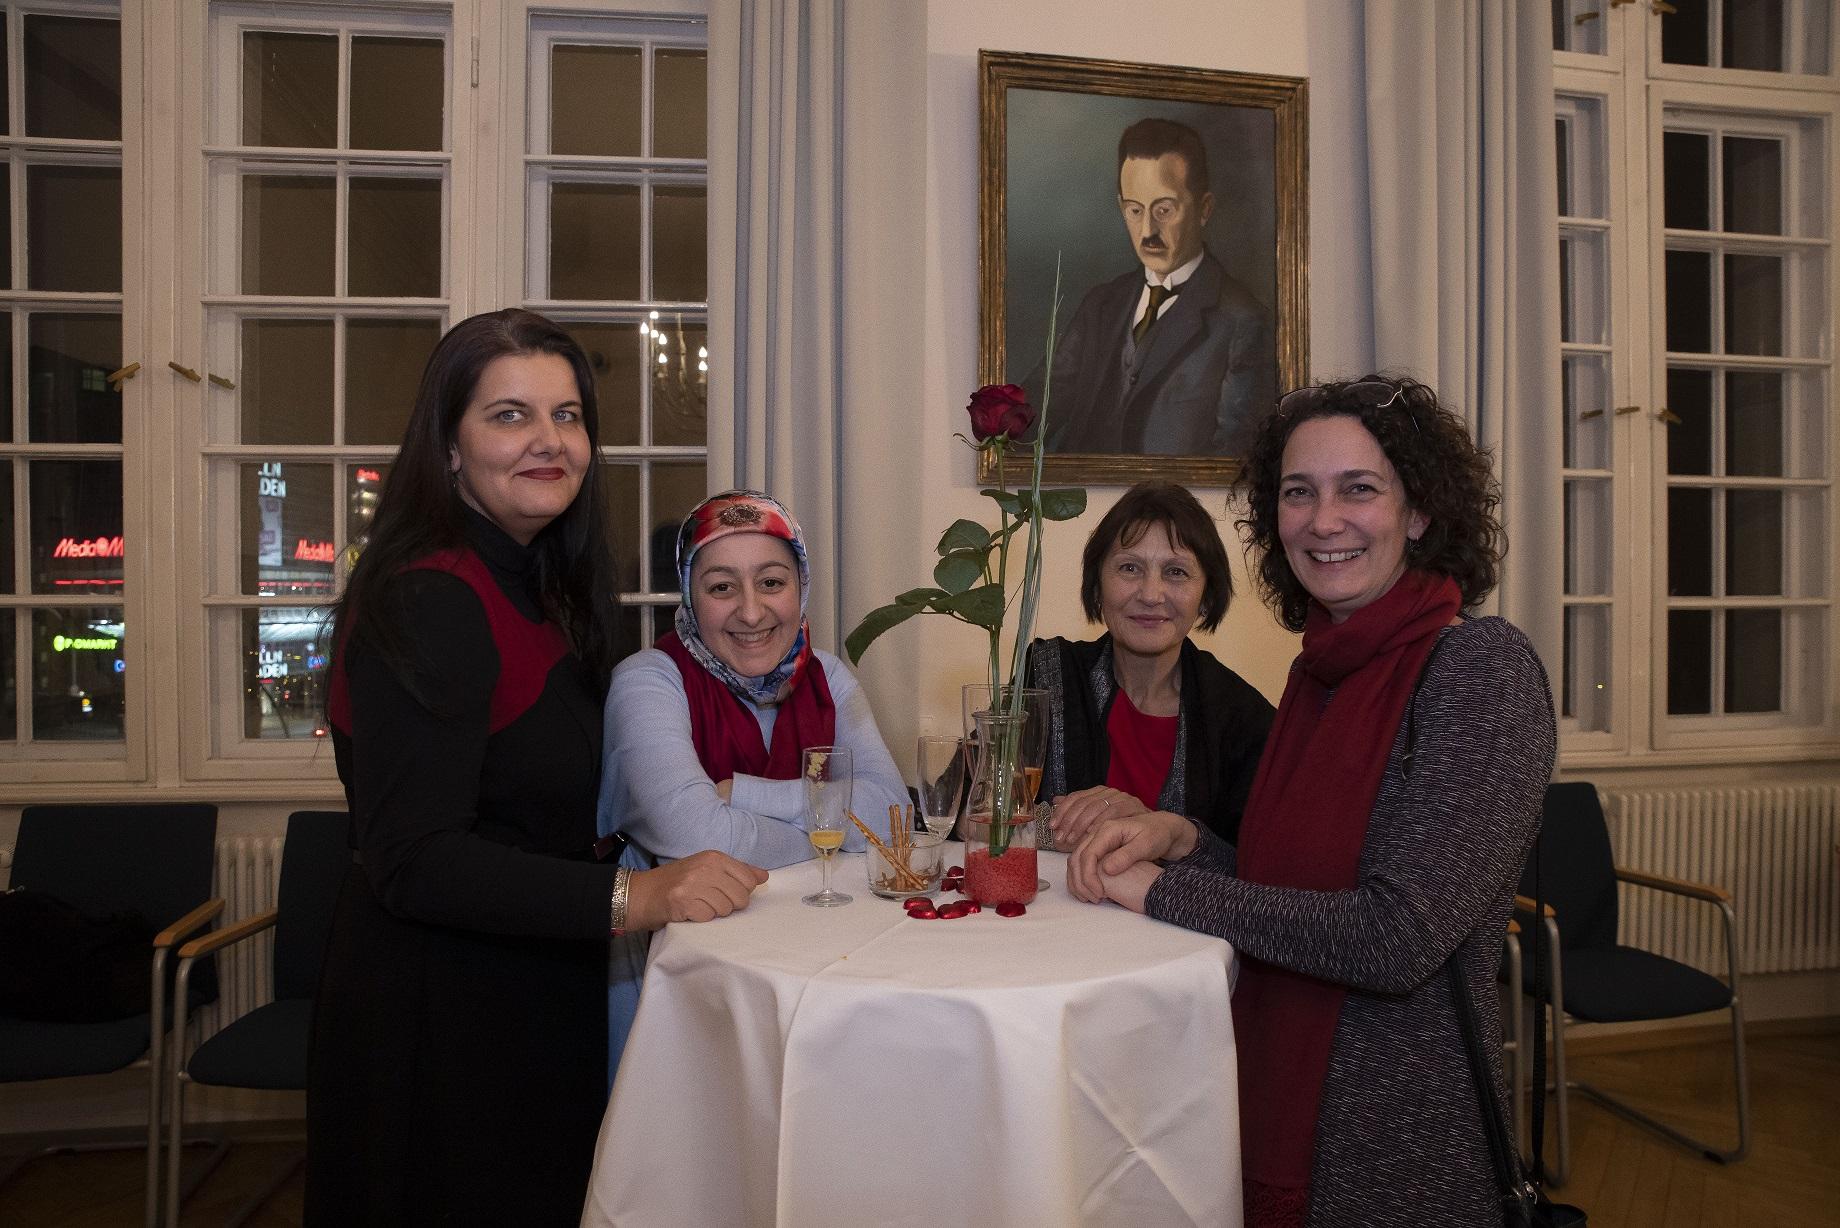 Feier 100 Jahre Frauenwahlrecht mit dem Blick nach vorne 26